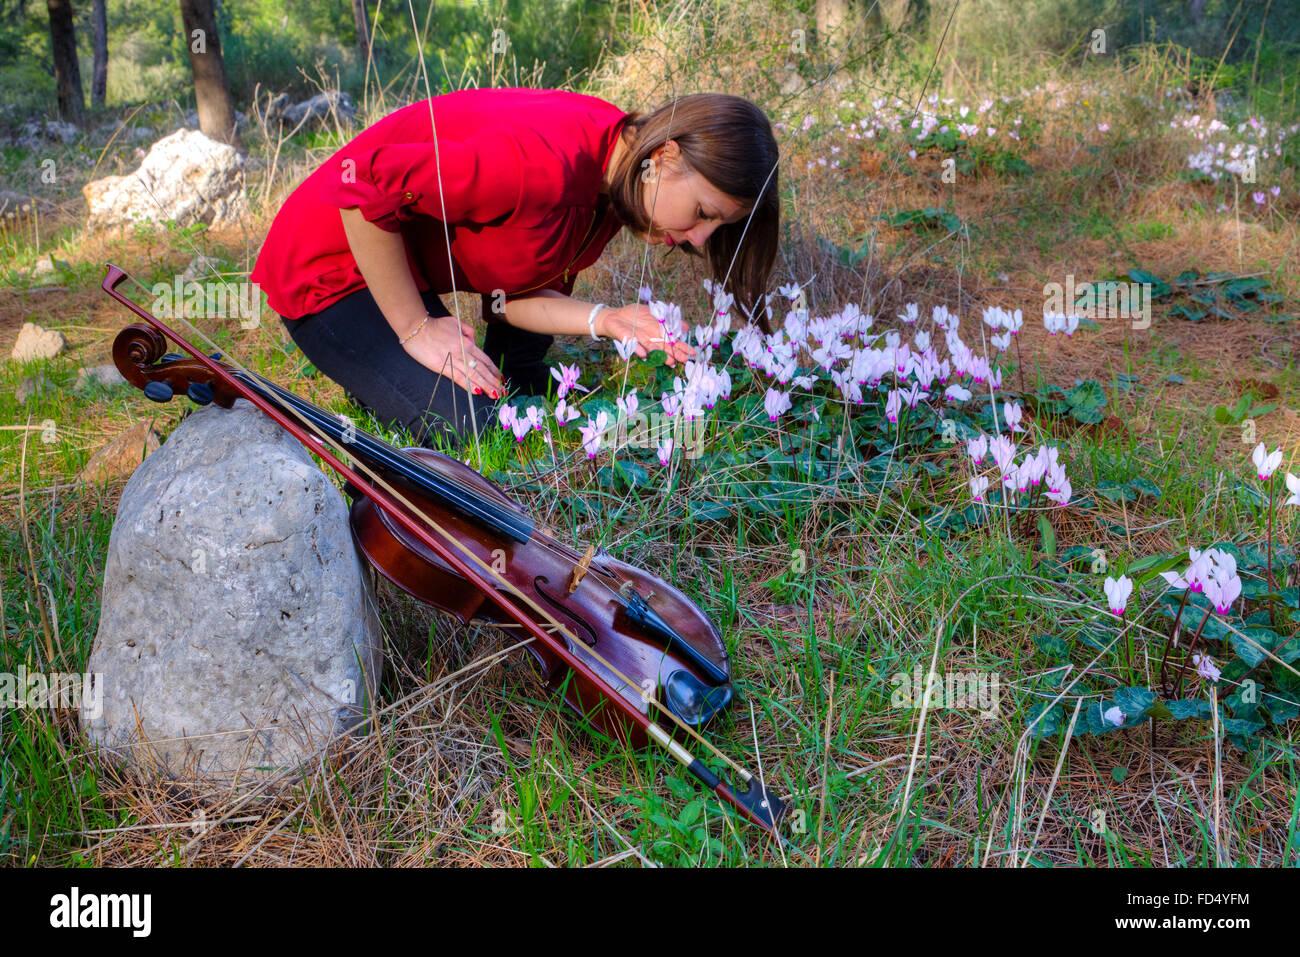 La niña ha puesto el violín y recoge flores. Poca profundidad de campo. Imagen De Stock